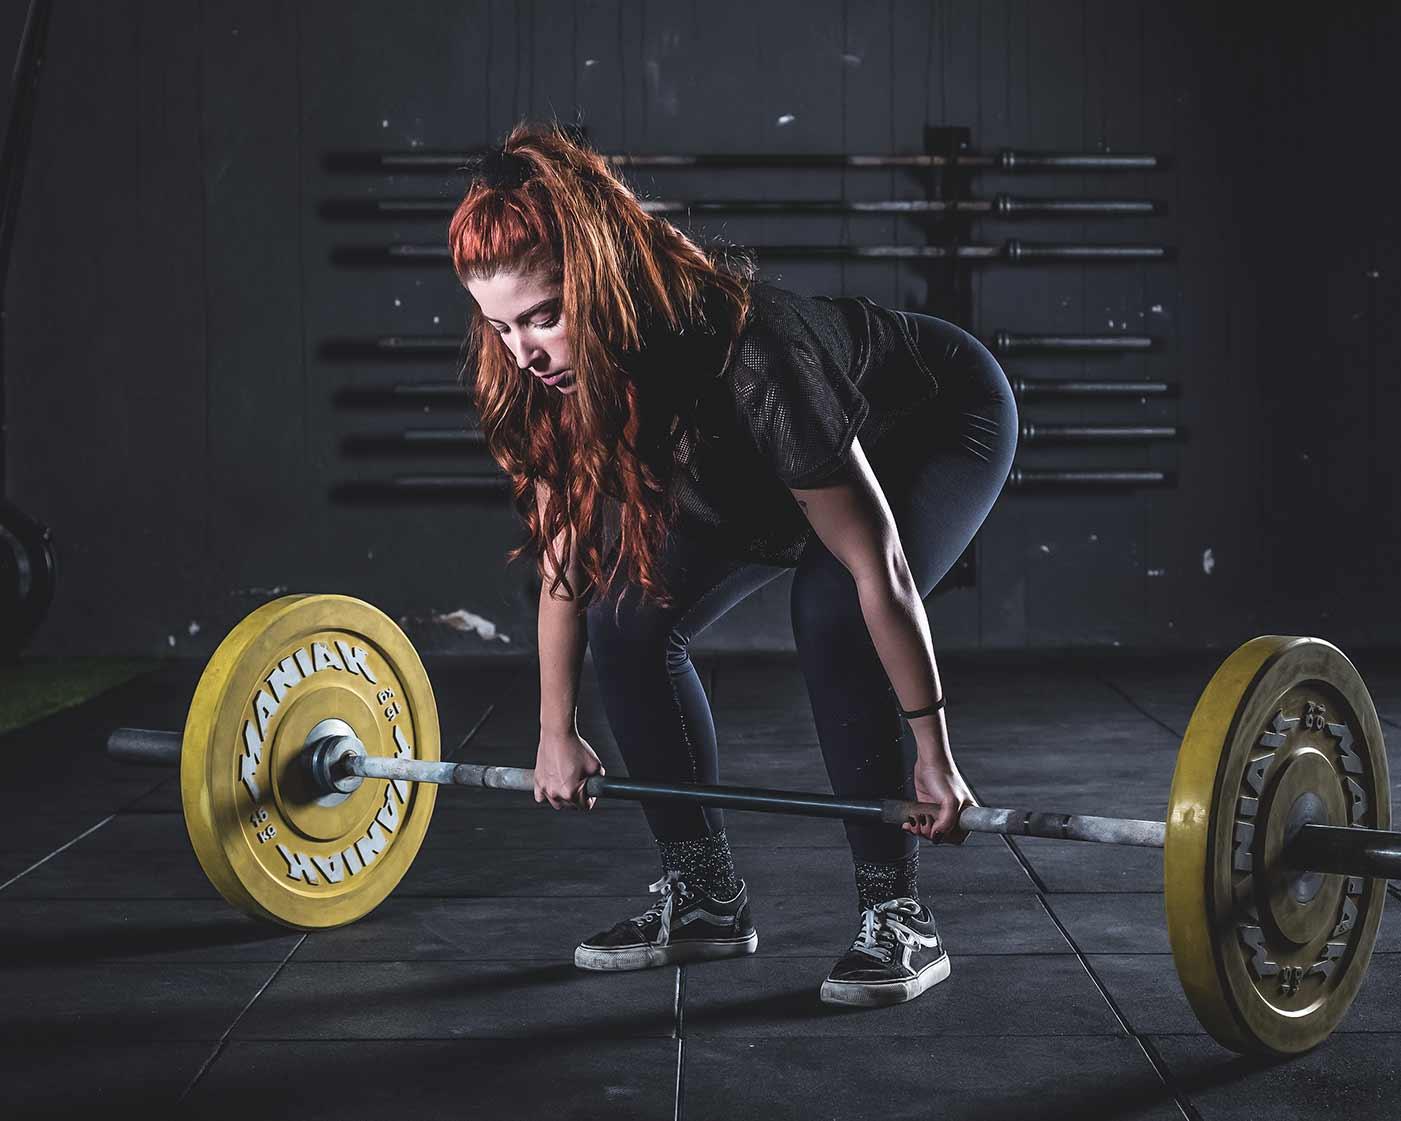 sesión de fotos de publicidad de gimnasio de mujer preparándose para levantar pesas